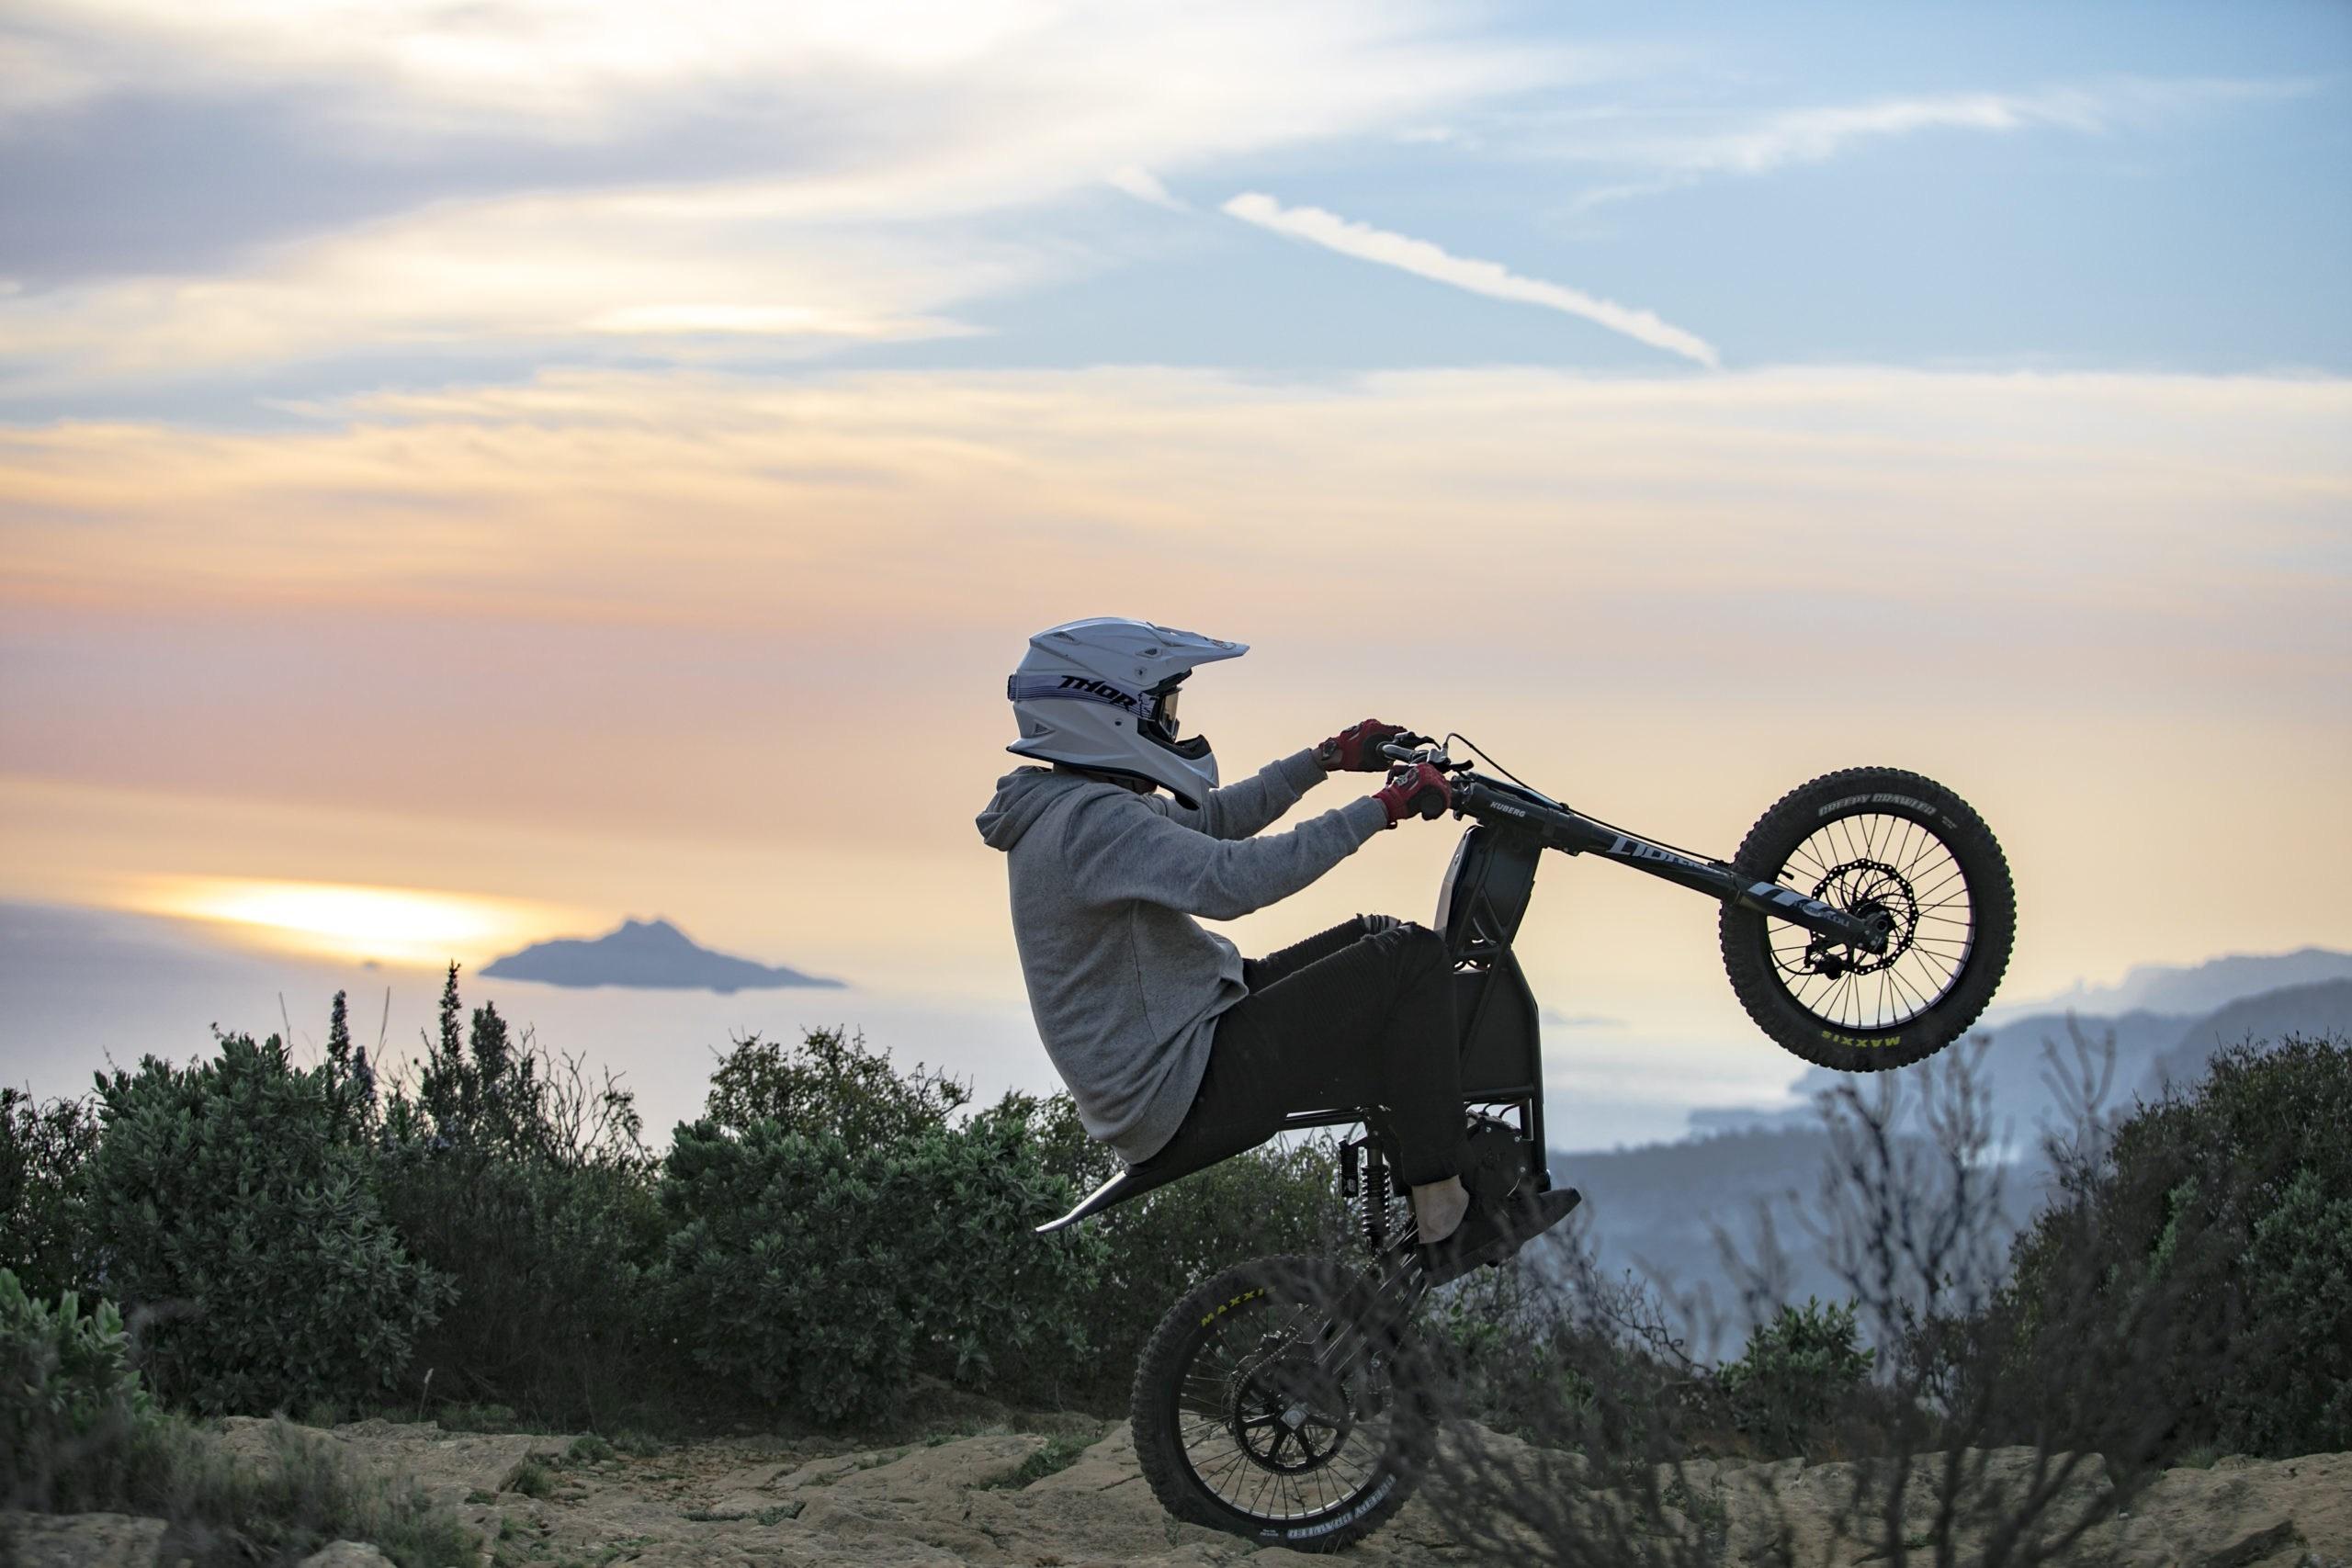 Ein Teil der Schönheit von Elektromotorrädern besteht darin, sich man sich wie ein Hooligan benehmen kann, ohne Umstehende zu verärgern.